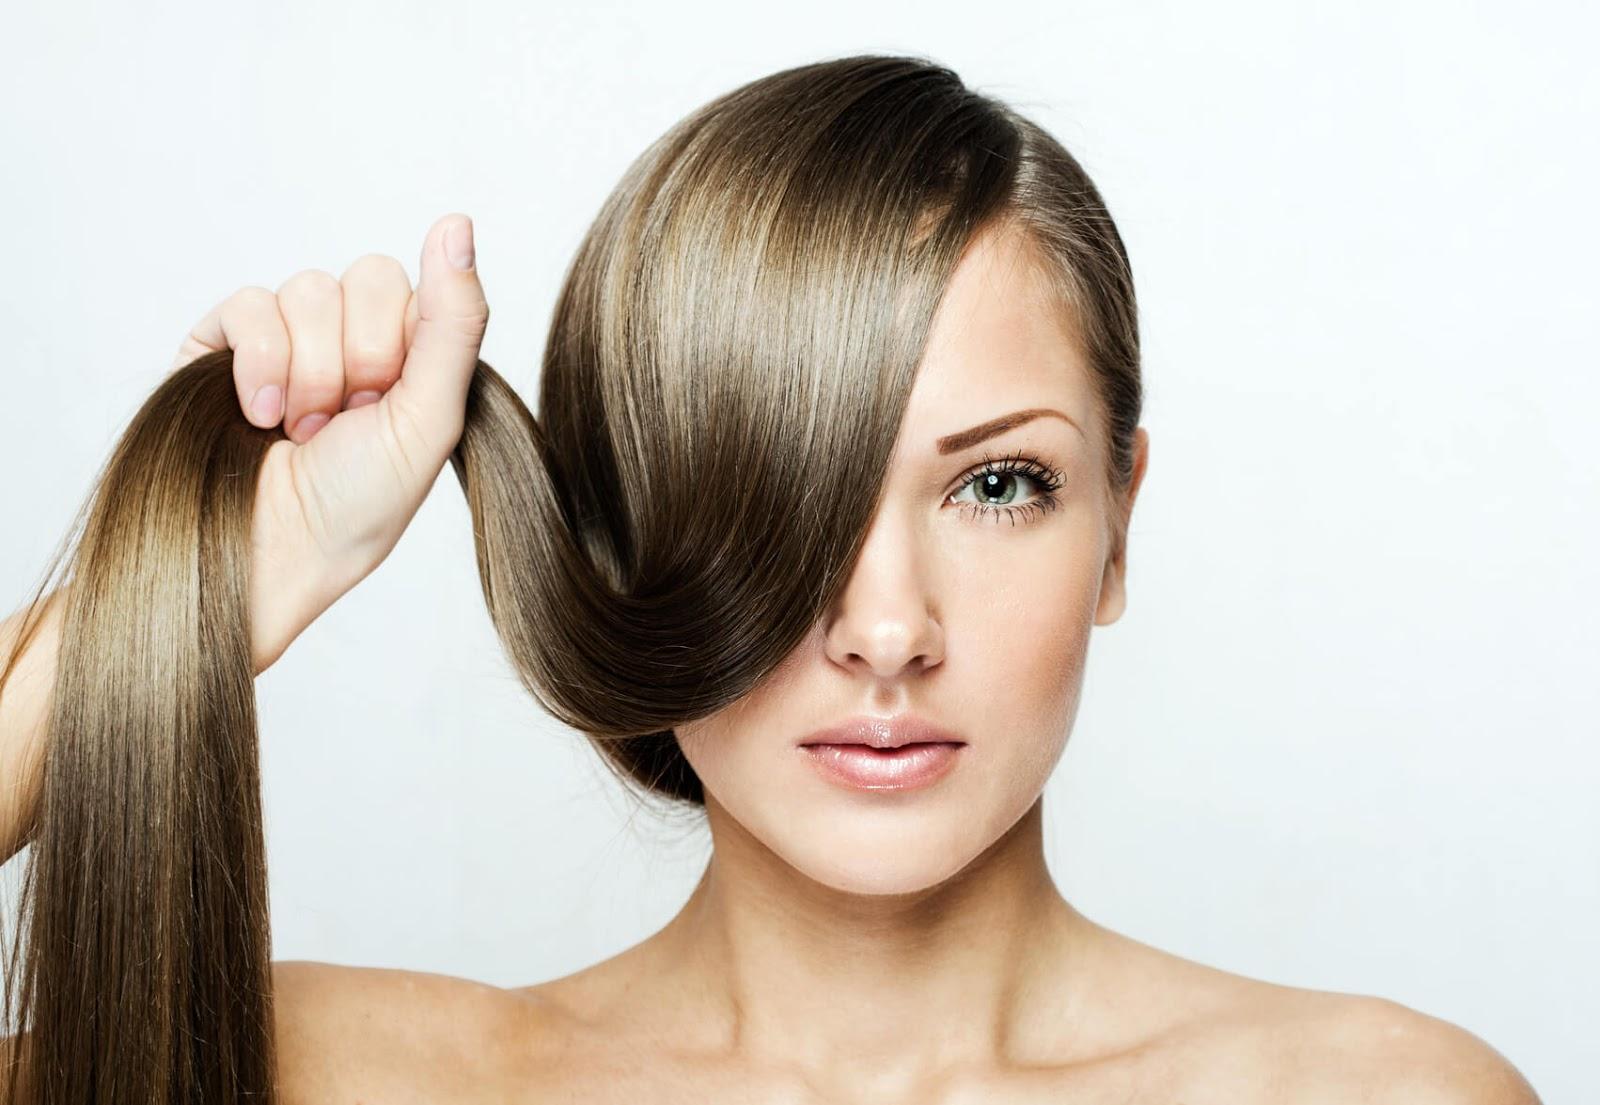 """4 وصفات طبيعية لتقوية الشعر وزيادة لمعانه.. """"رائحتها غير مزعجة ..."""